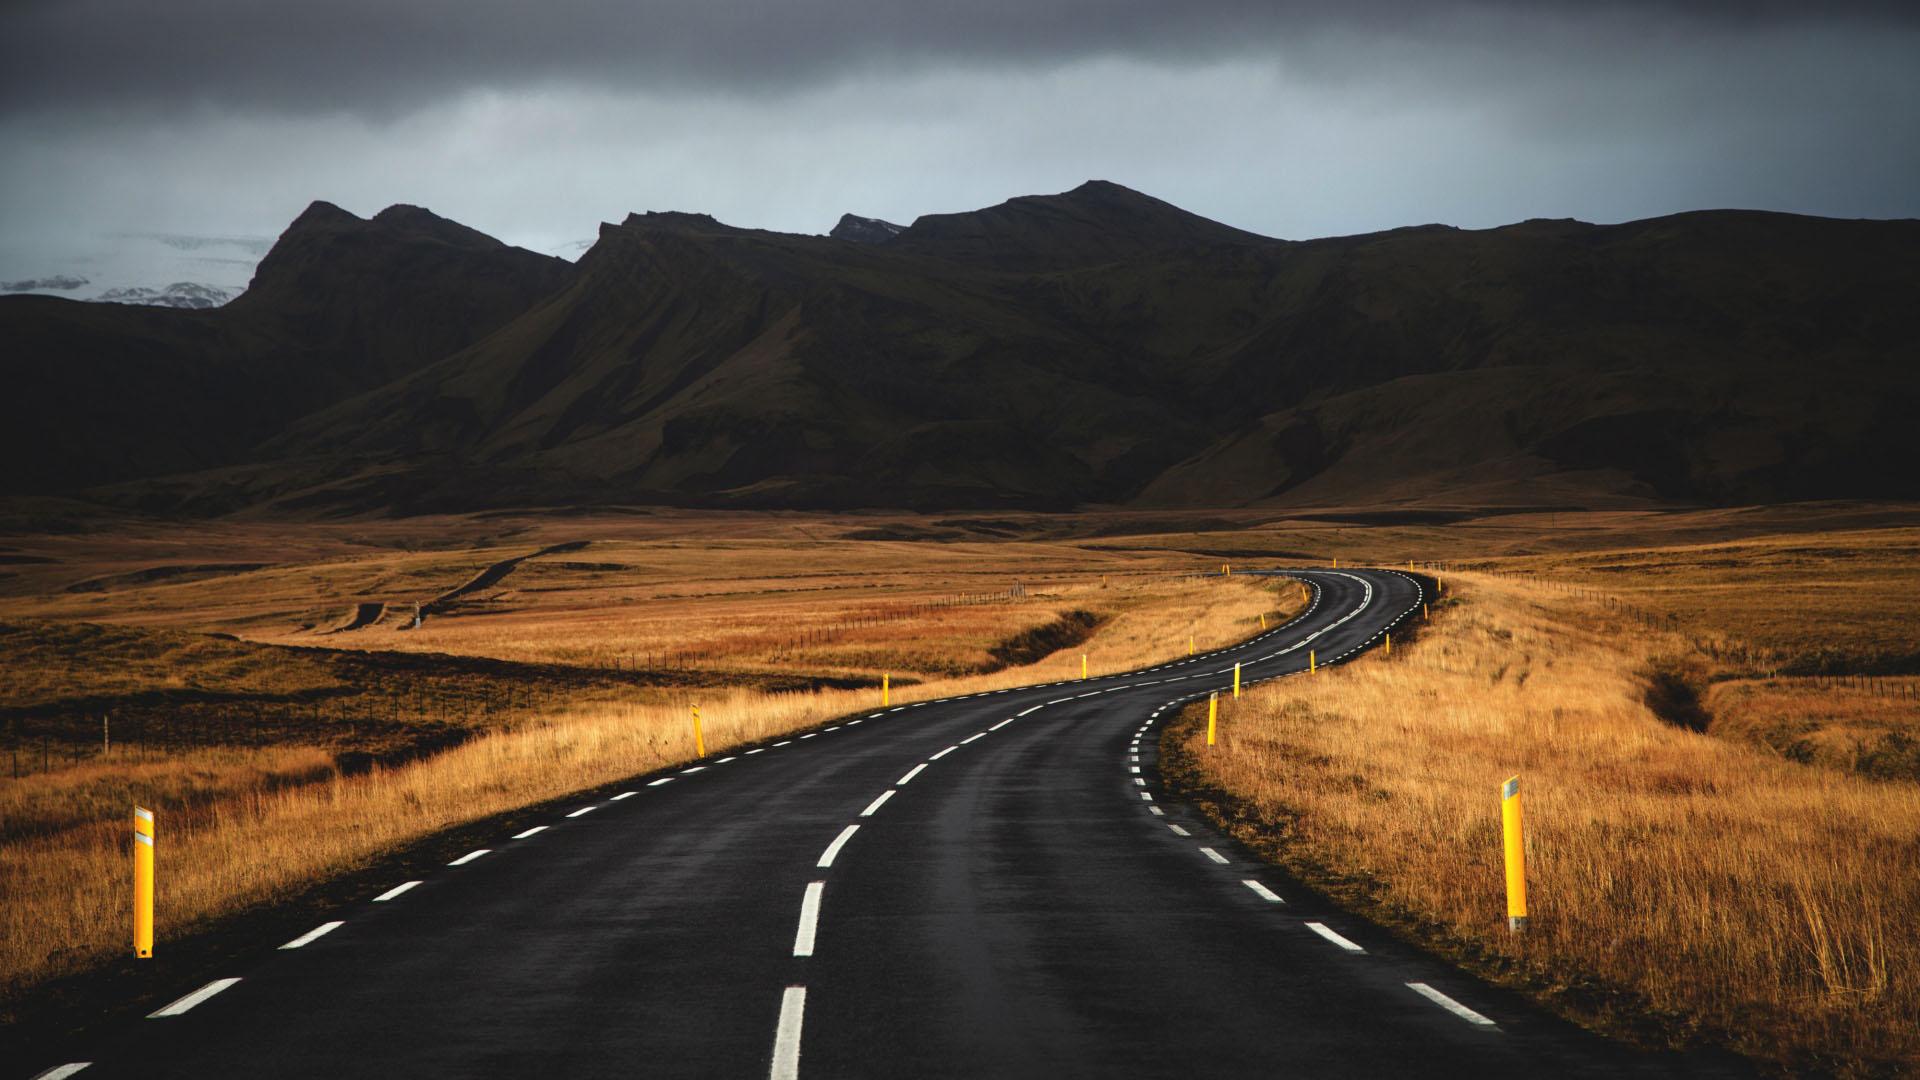 优美公路风景电脑壁纸